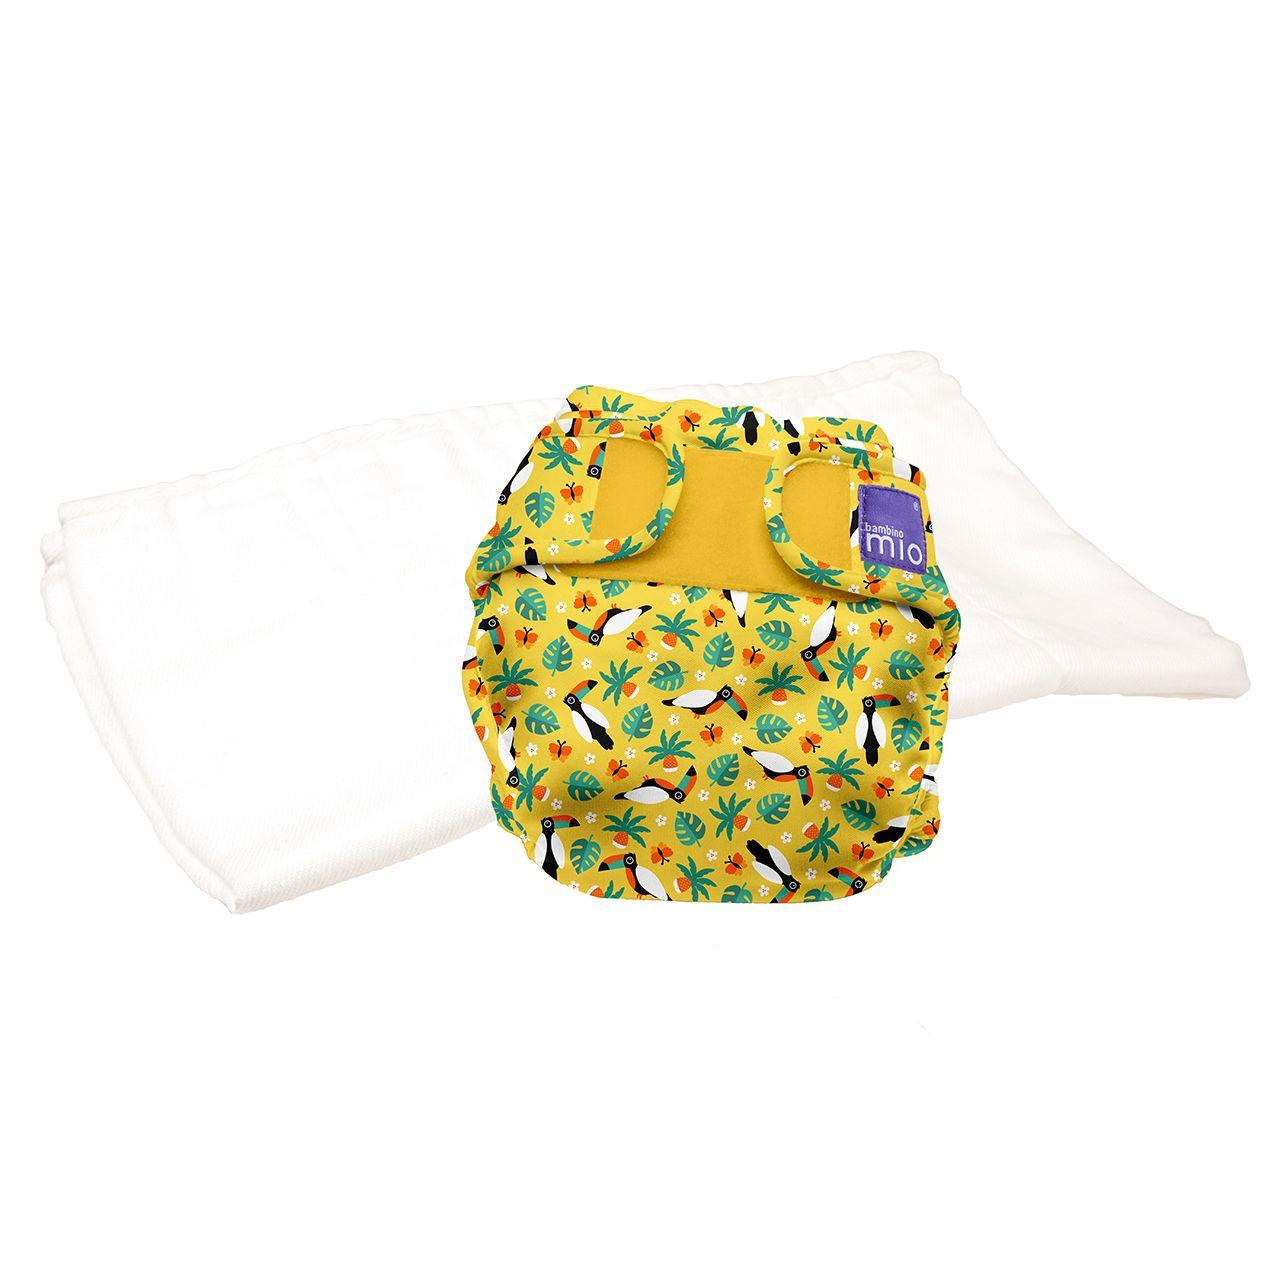 TE2 couche lavable toucan